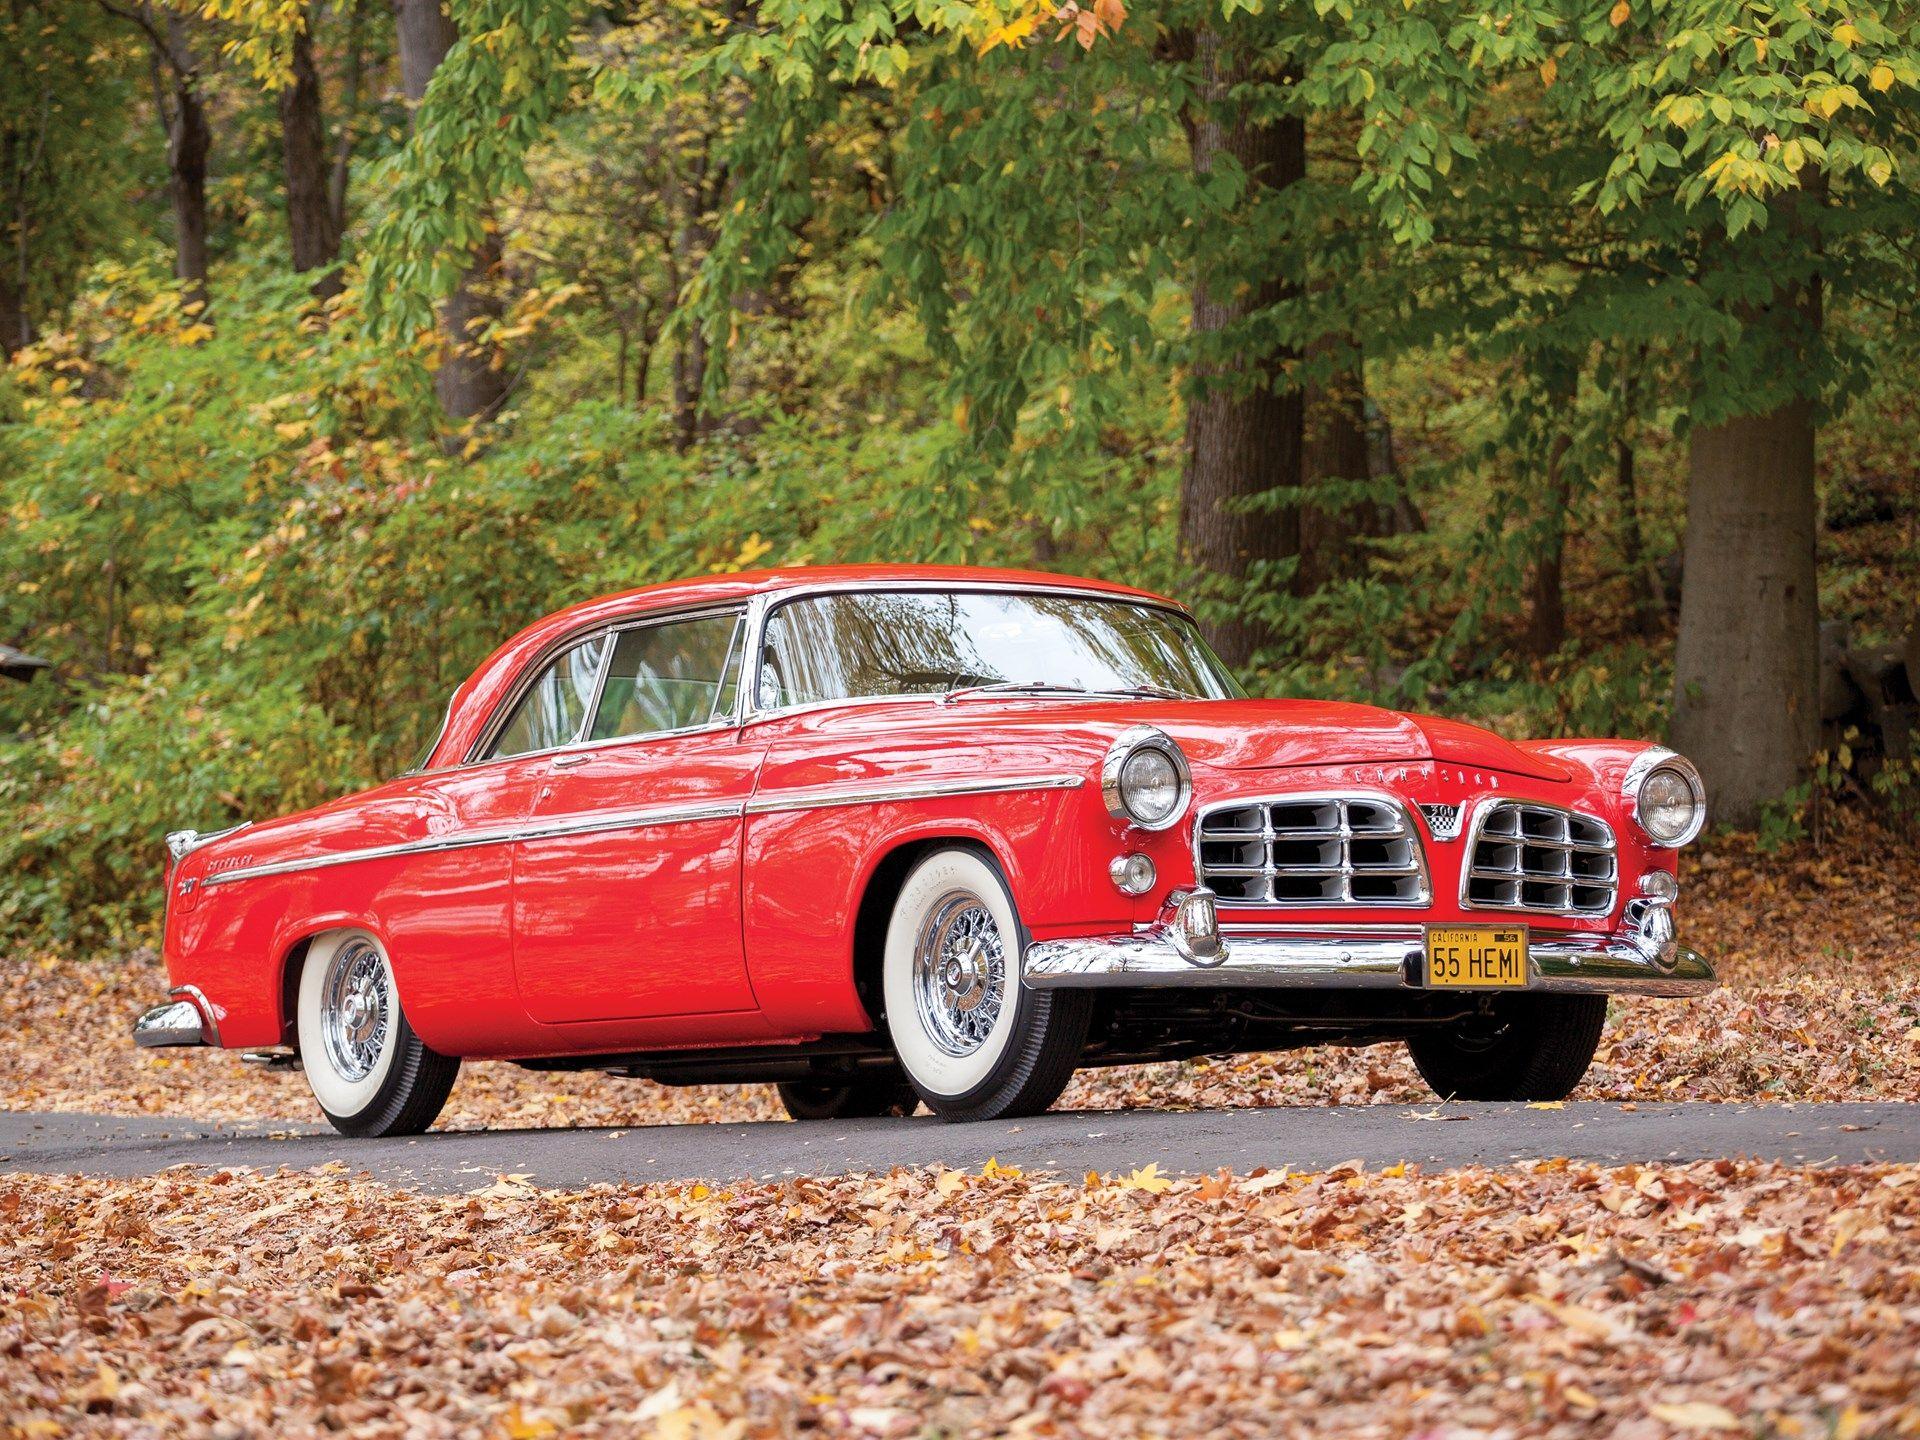 1955 Chrysler C 300 Hardtop Coupe Classic Cars Chrysler 300 Chrysler